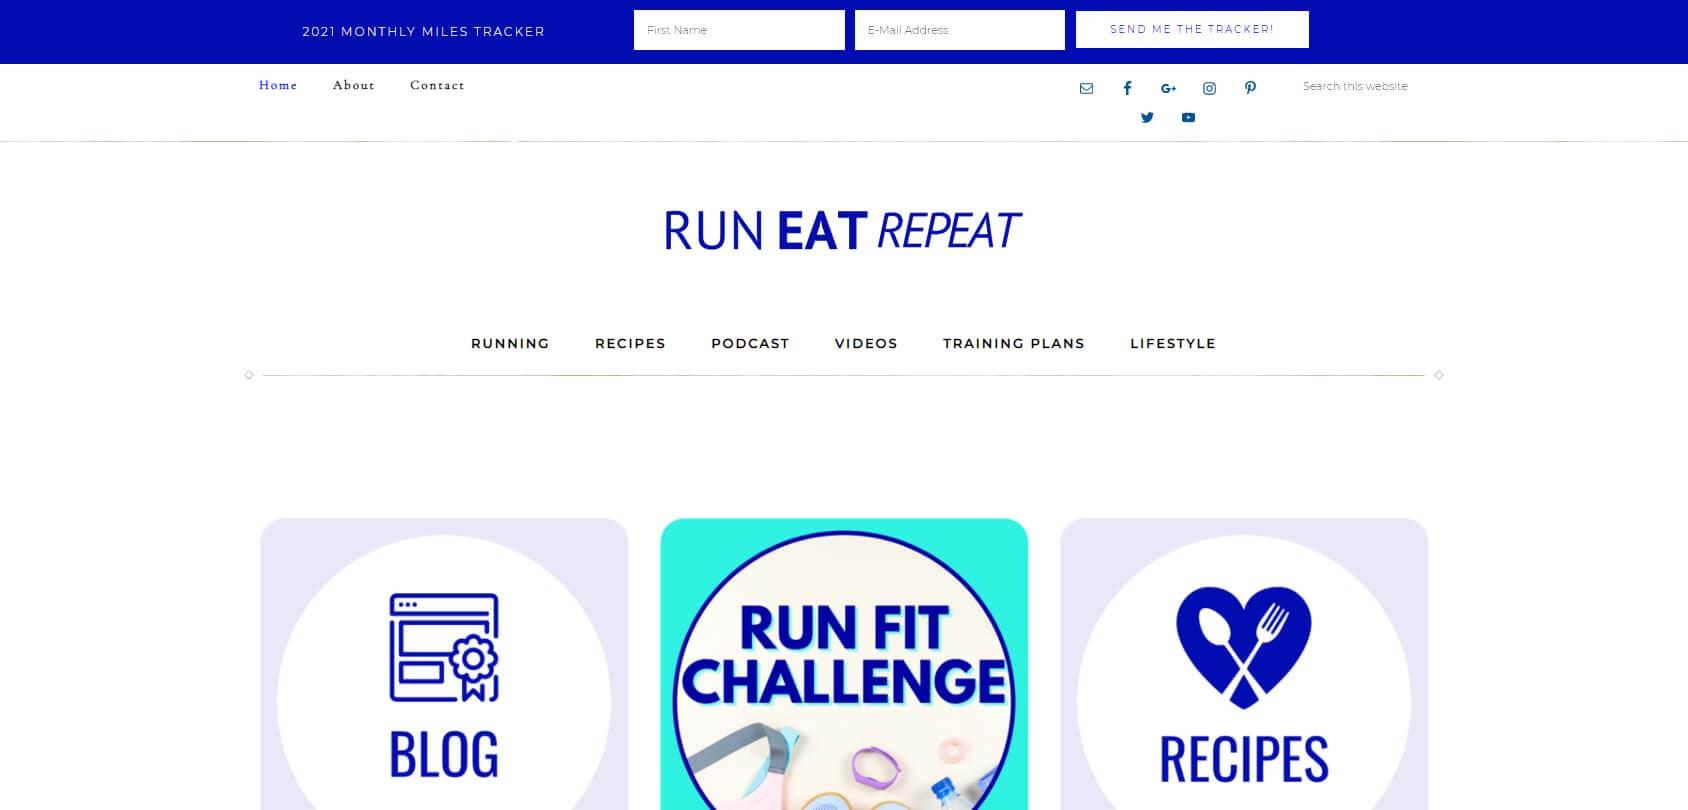 Run Eat Repeat Homepage